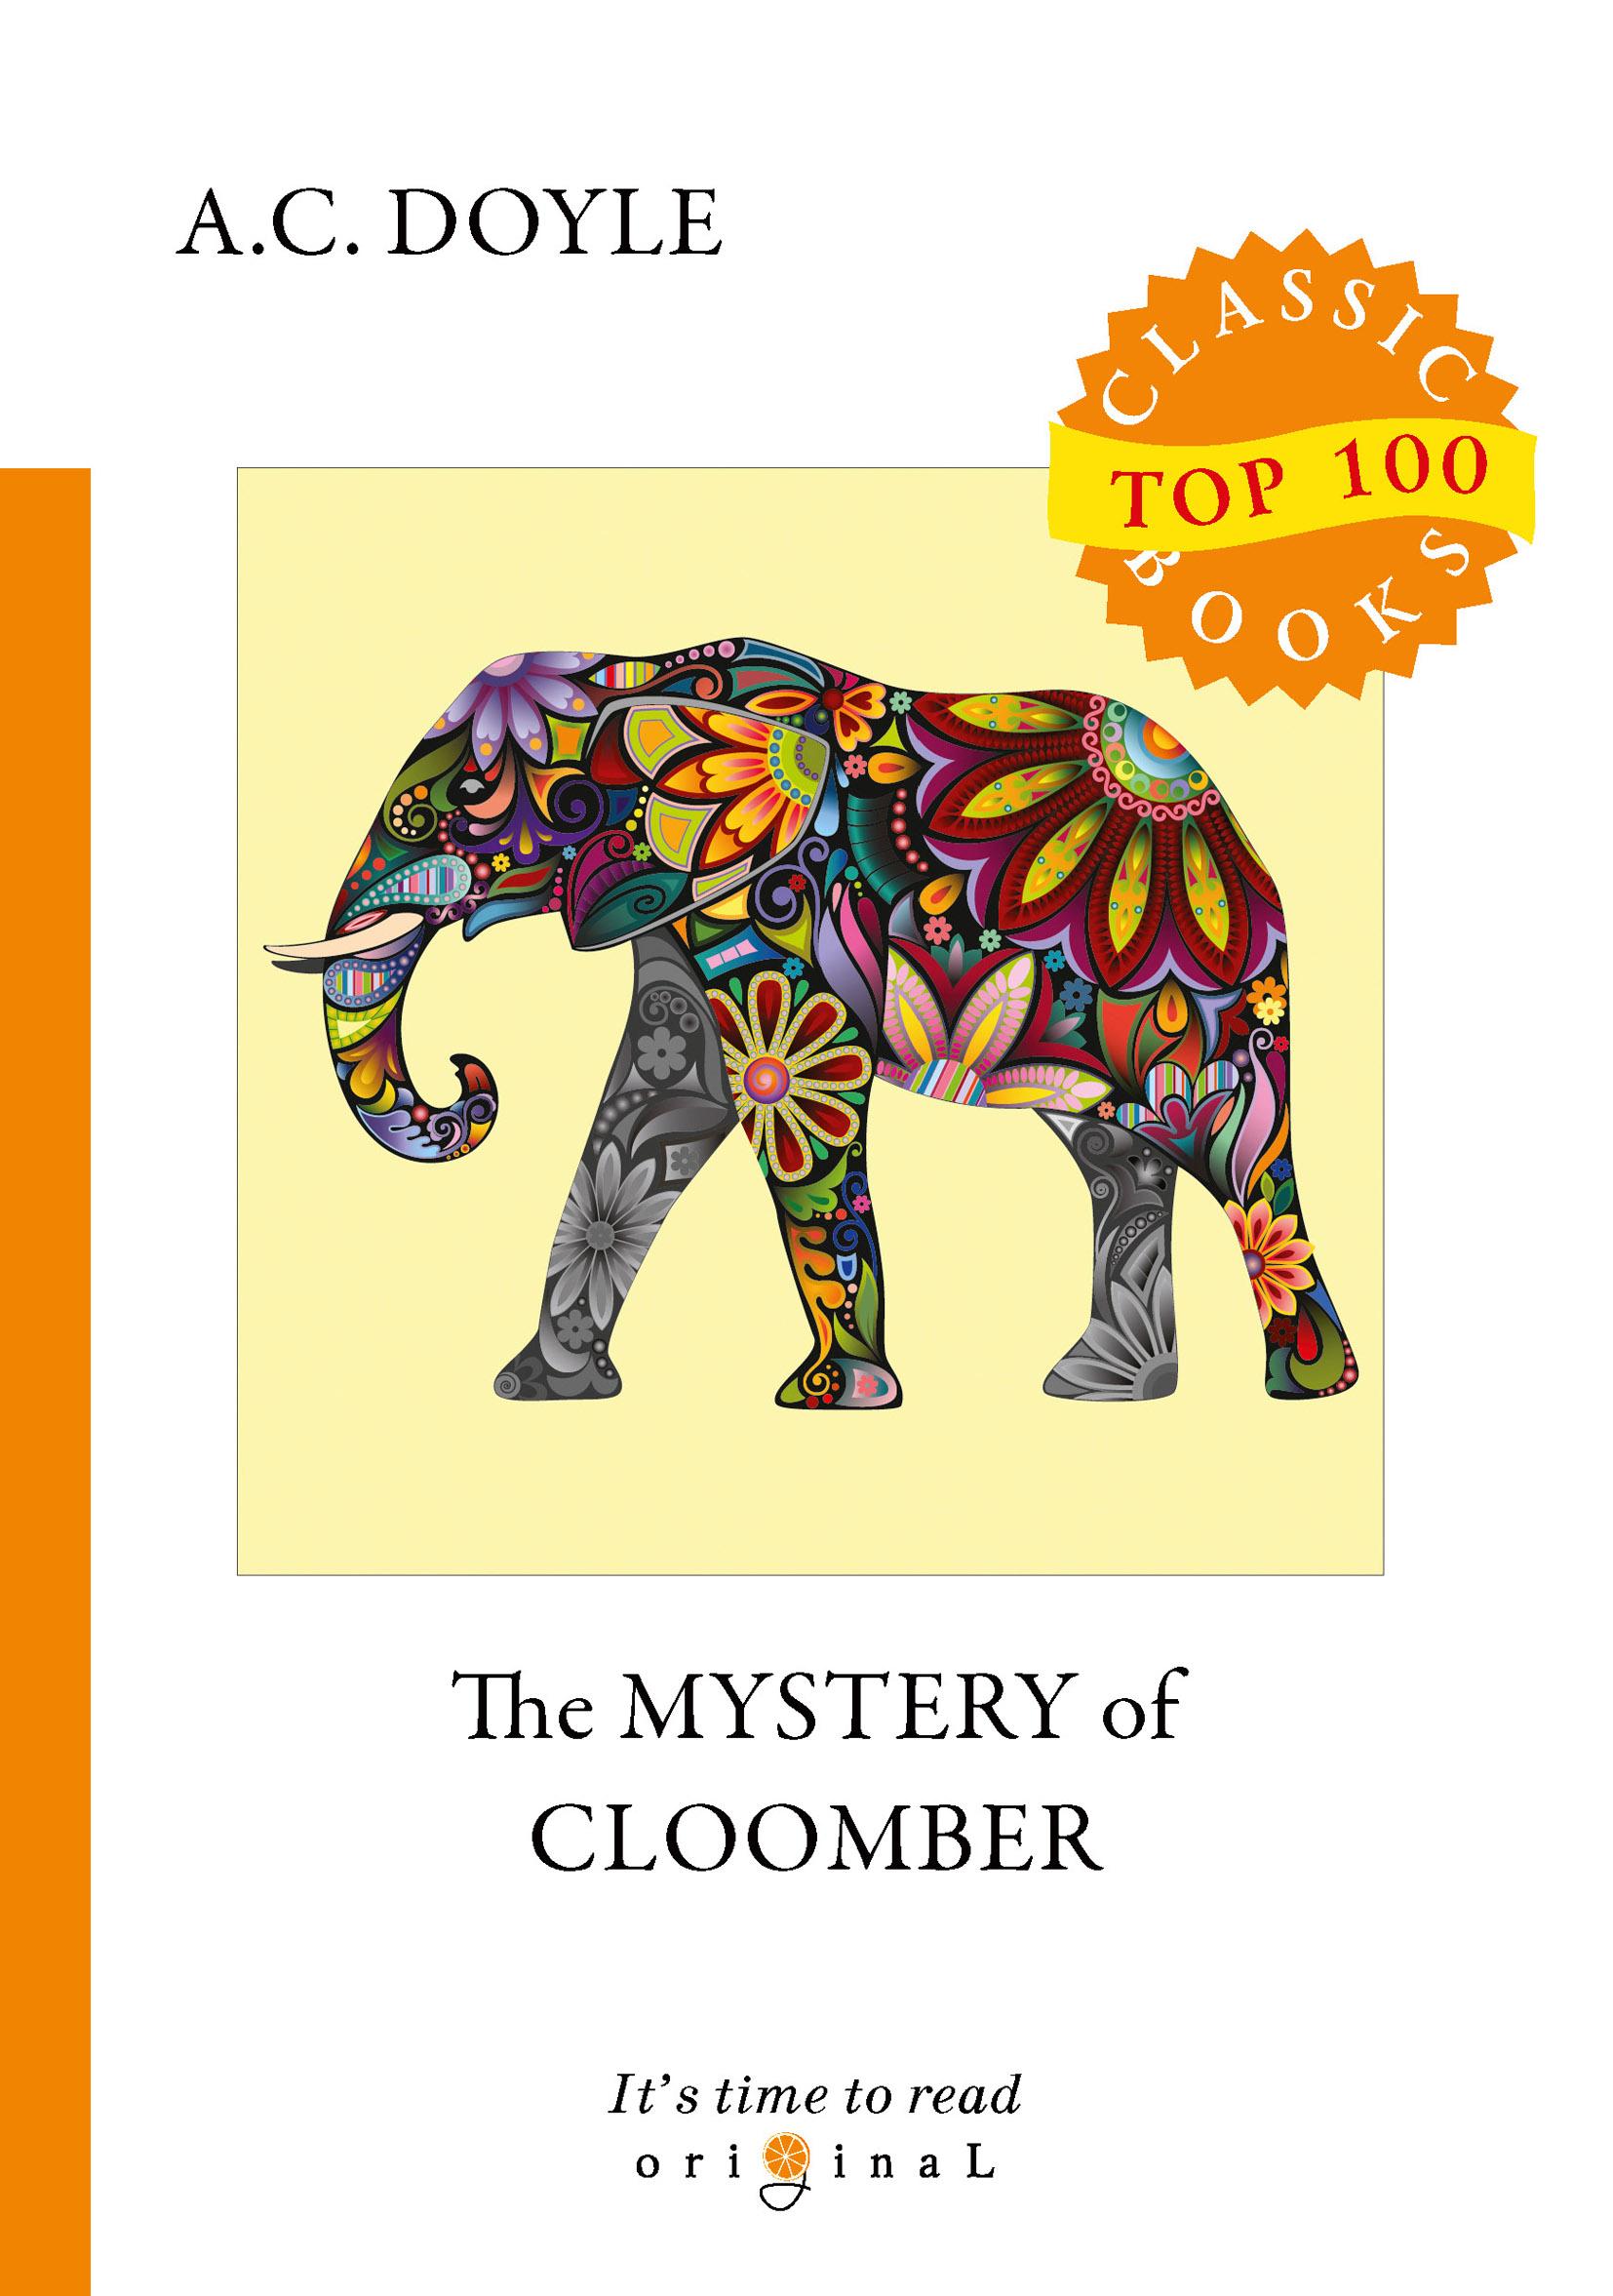 A. C. Doyle The Mystery of Cloomber conan doyle a the mystery of cloomber